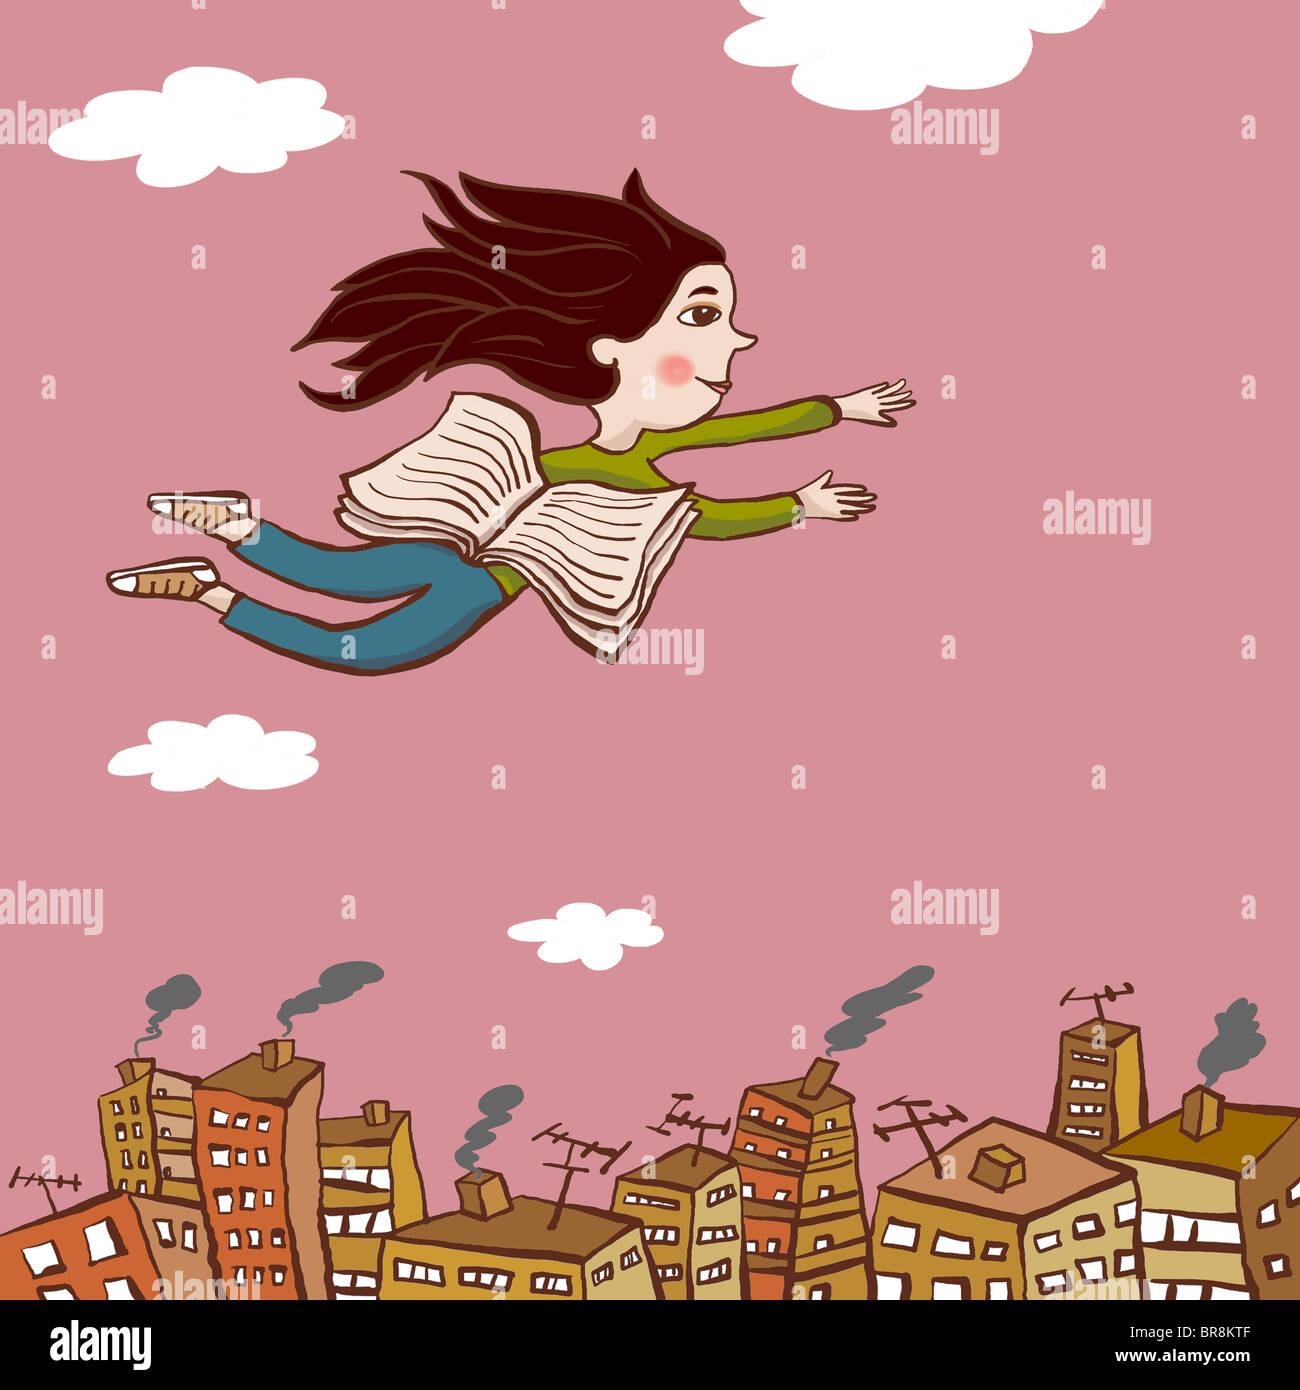 Un dessin d'une jeune fille en survolant une ville avec les pages d'un livre agissant en tant qu'ailes Photo Stock